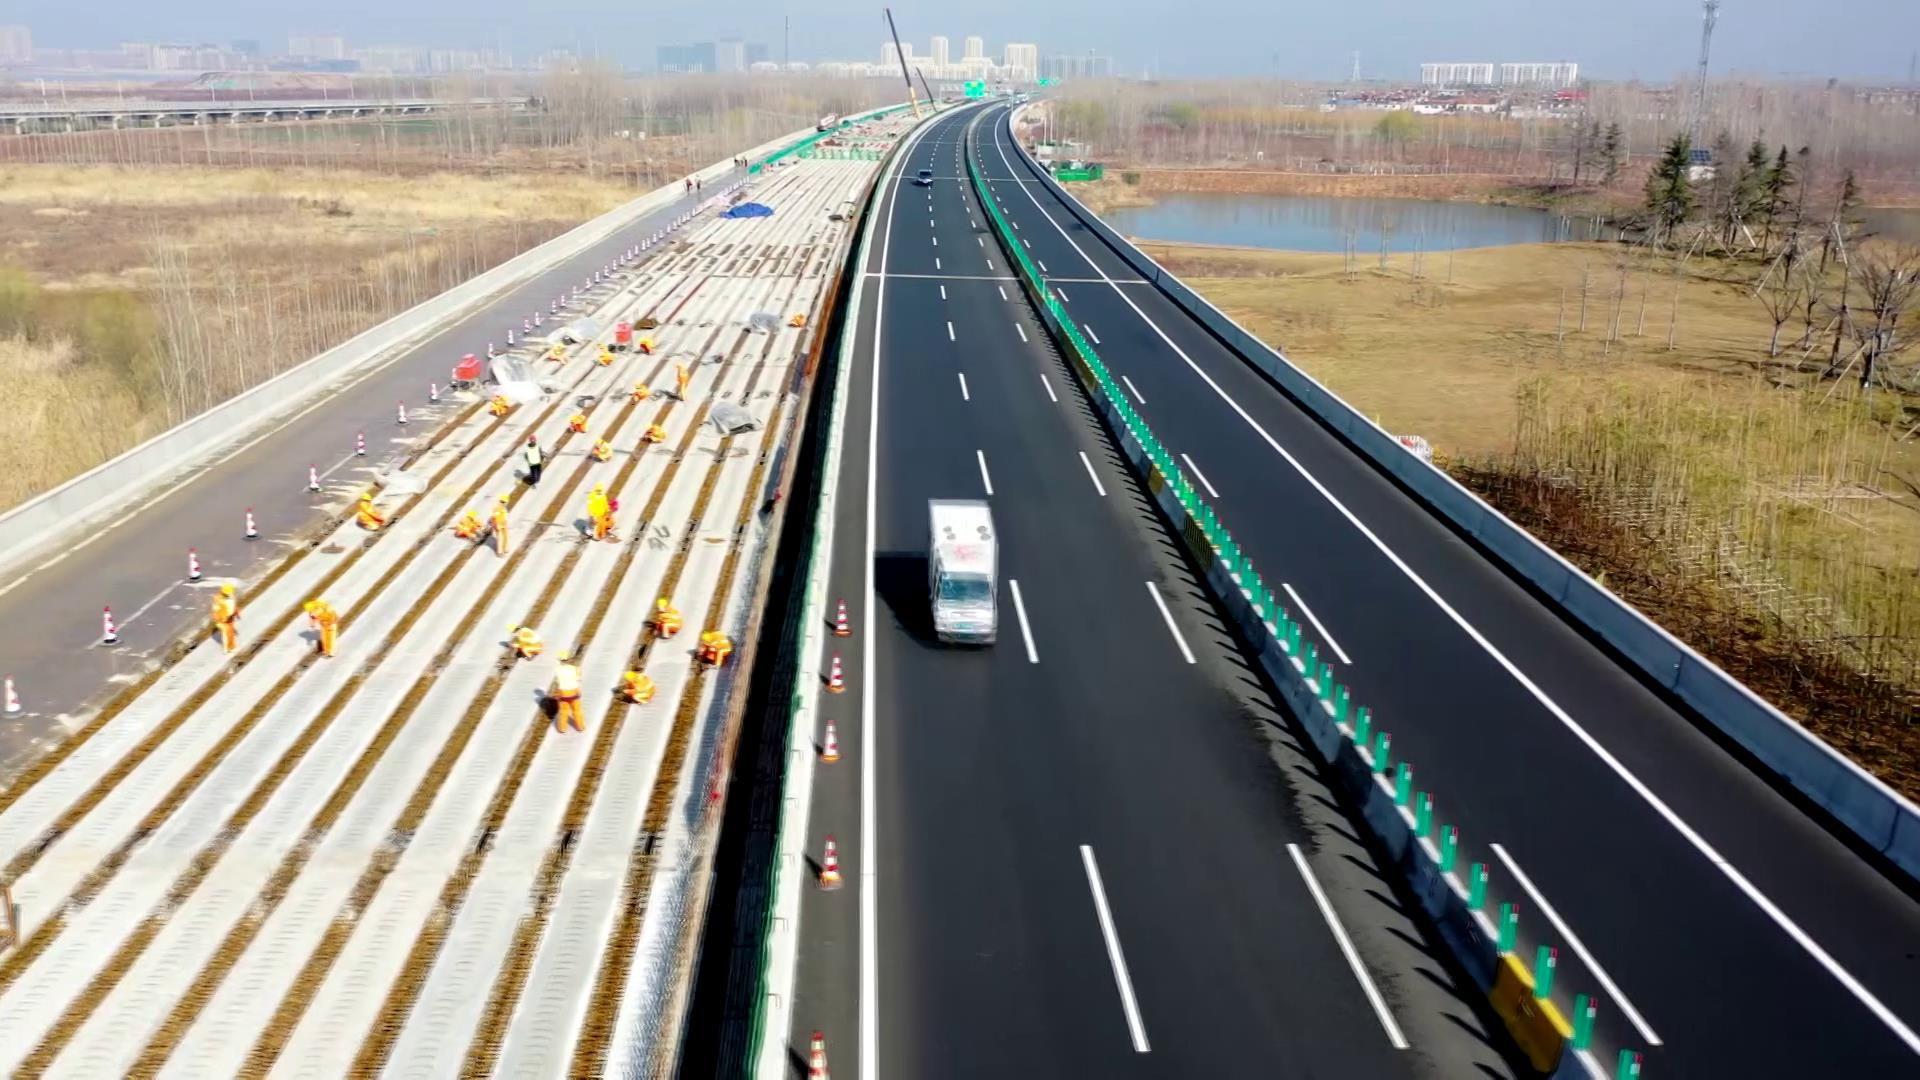 京台高速泰枣段改扩建预计10月通车 四标主体结构物施工全部完成